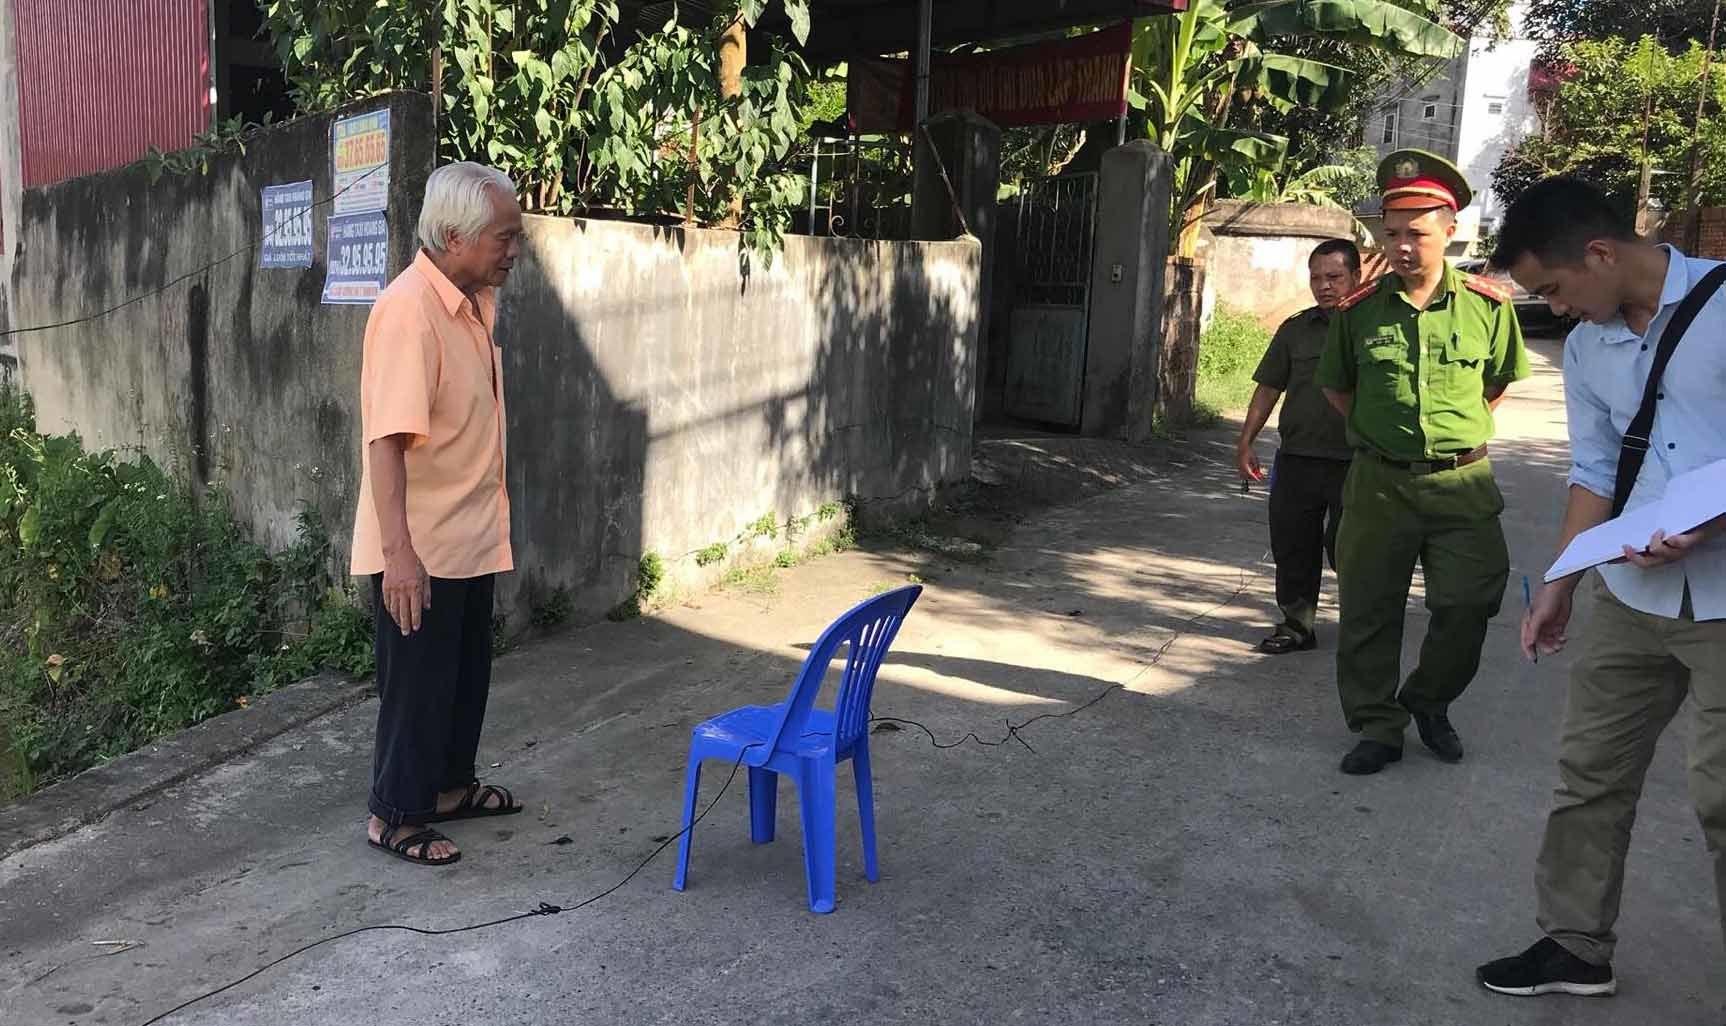 Hà Nội: Nữ nhân viên trung tâm cai nghiện bị trưởng phòng chém tử vong